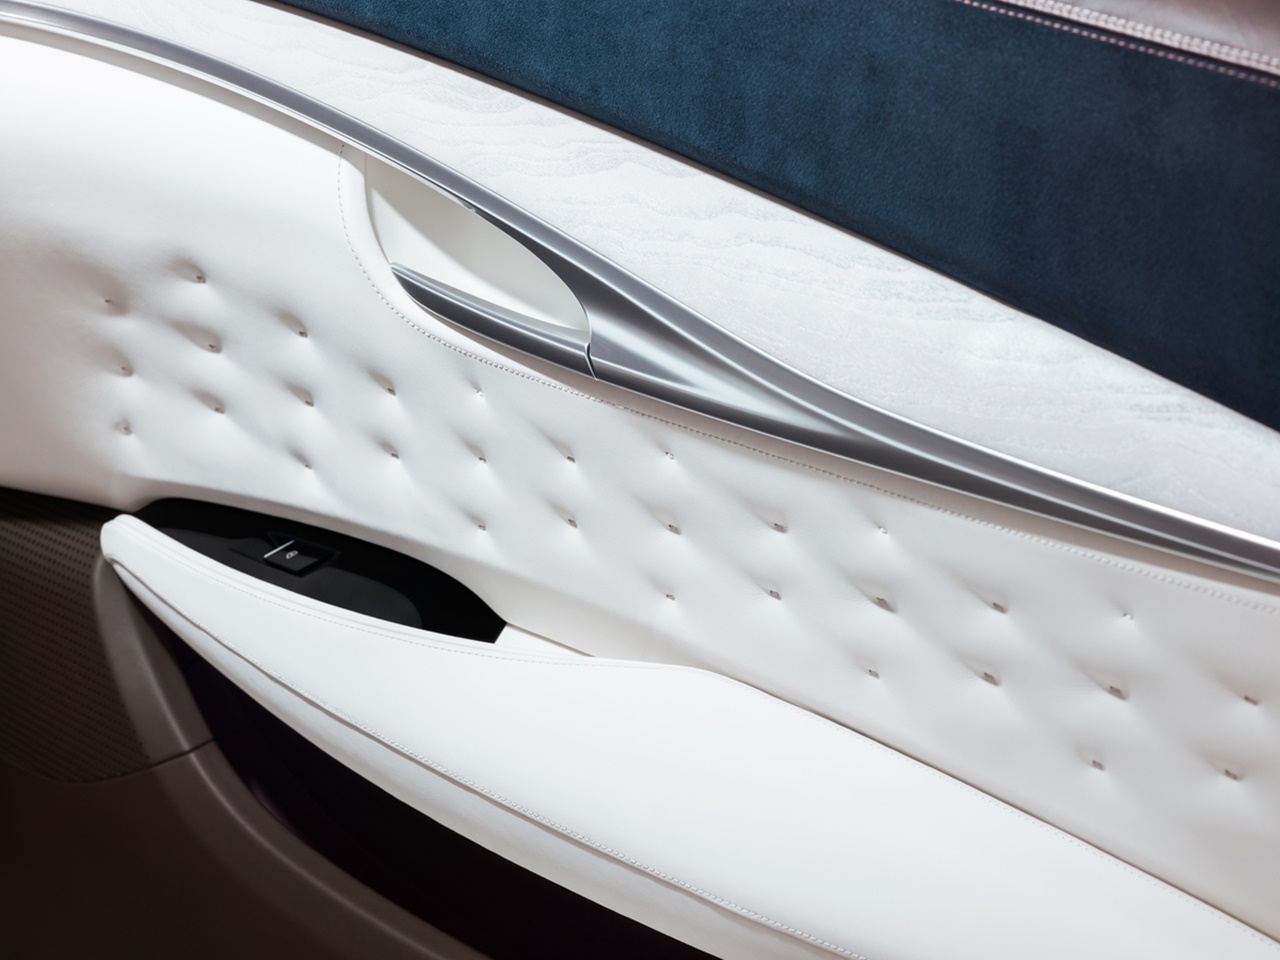 【デトロイトショー2017】日産が「インフィニティQX50コンセプト」を世界初披露 - infinitis-qx50-concept008